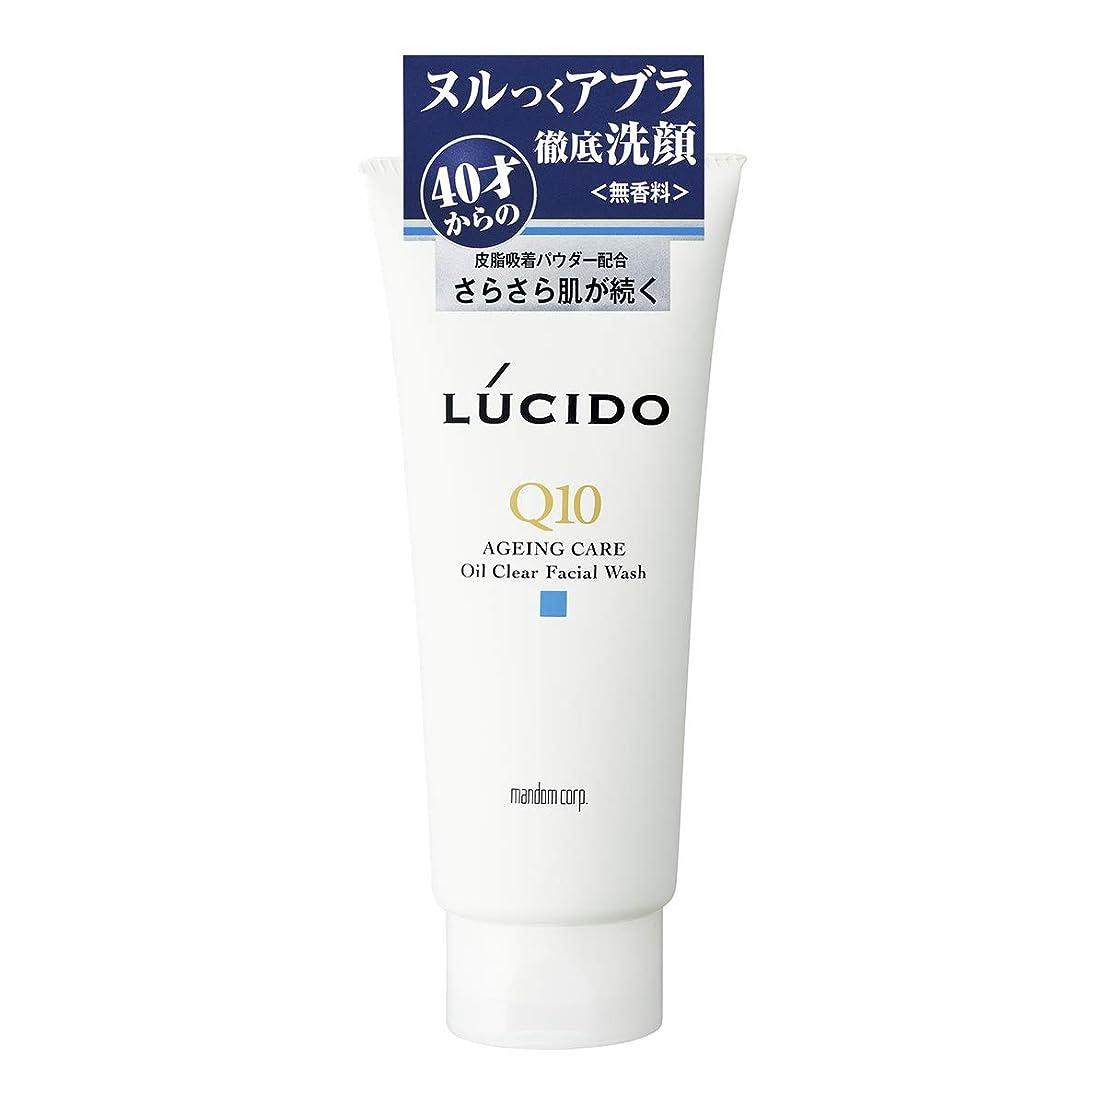 に対応する施し北LUCIDO(ルシード) オイルクリア洗顔フォーム Q10 130g